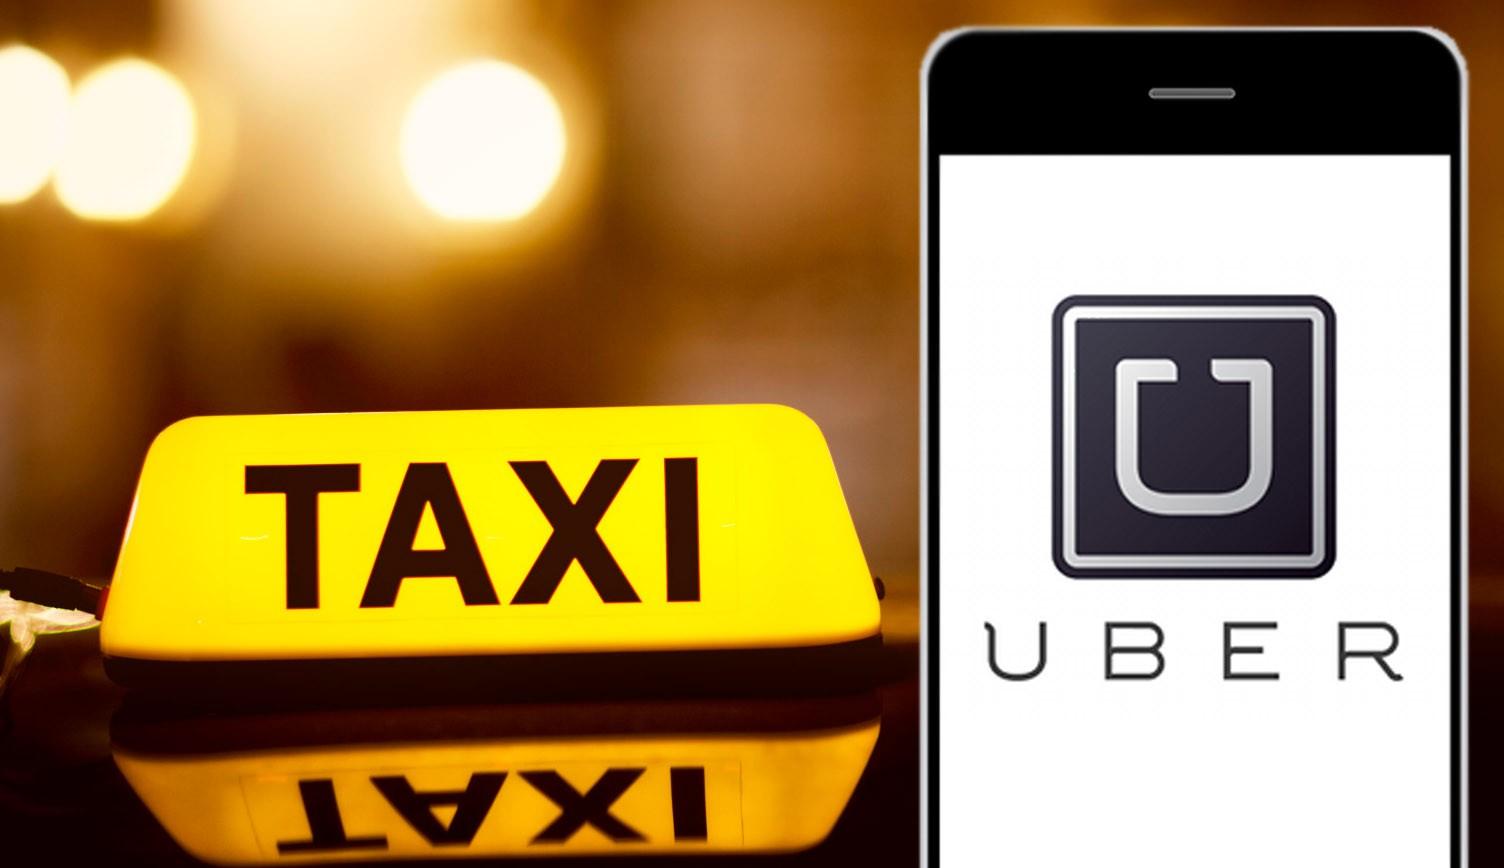 Суд Дании признал Uber преступным перевозчиком